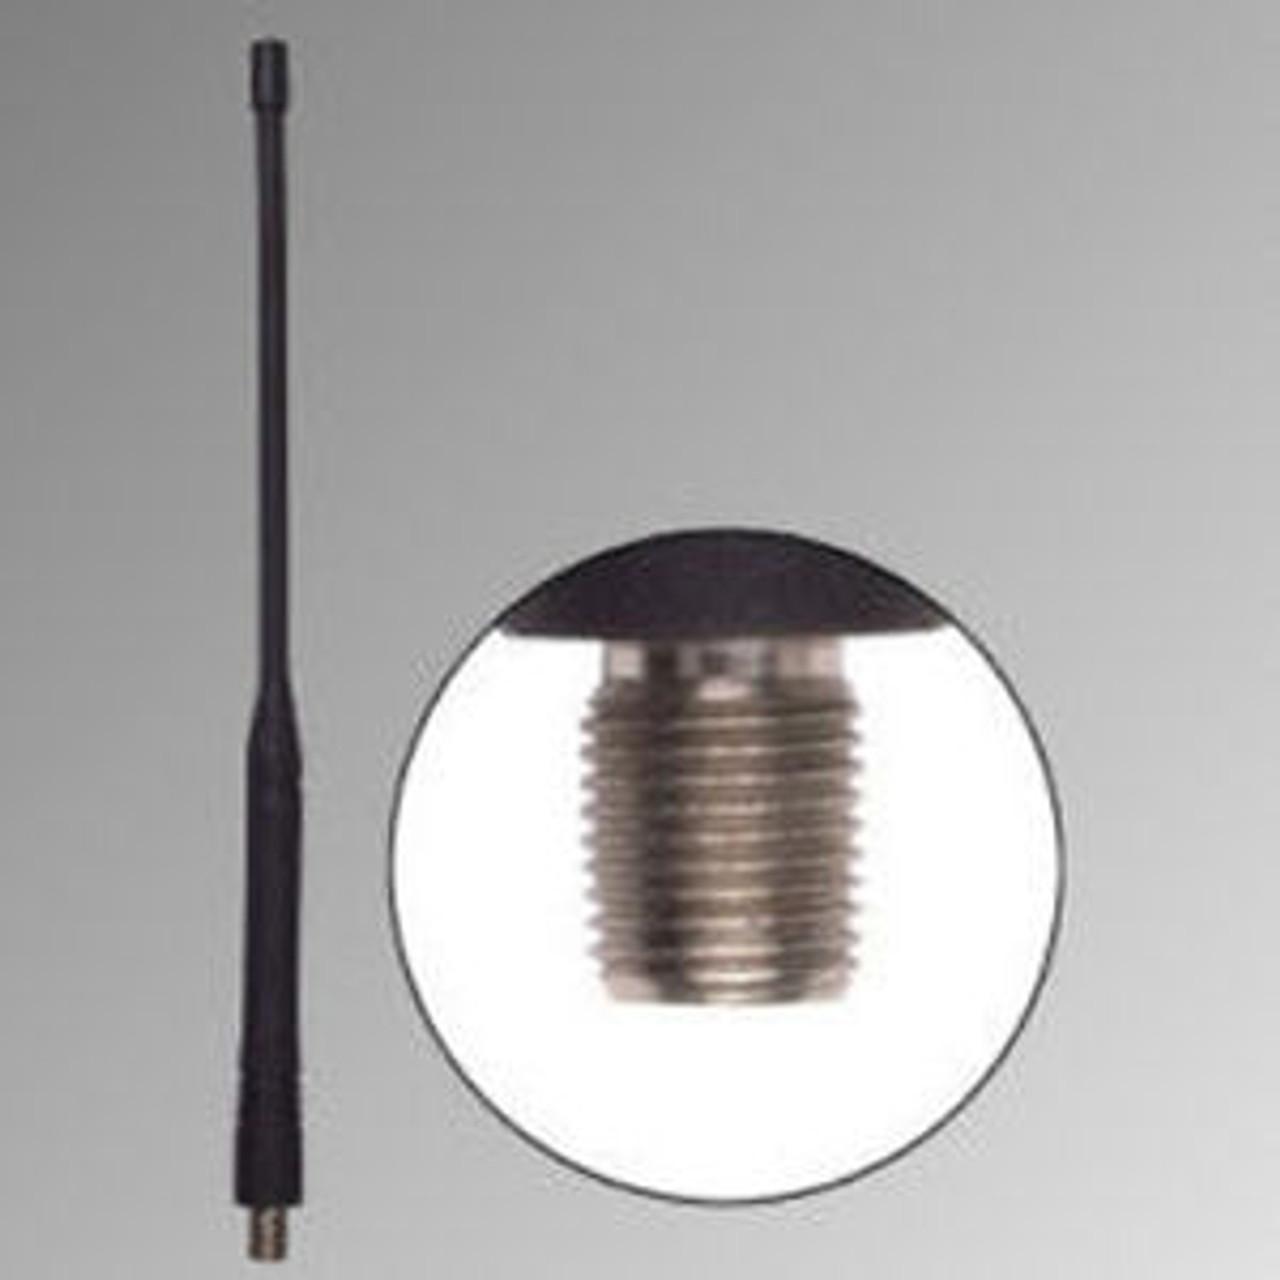 """Bendix King DPH Long Range Antenna - 10.5"""", VHF, 150-160 MHz"""